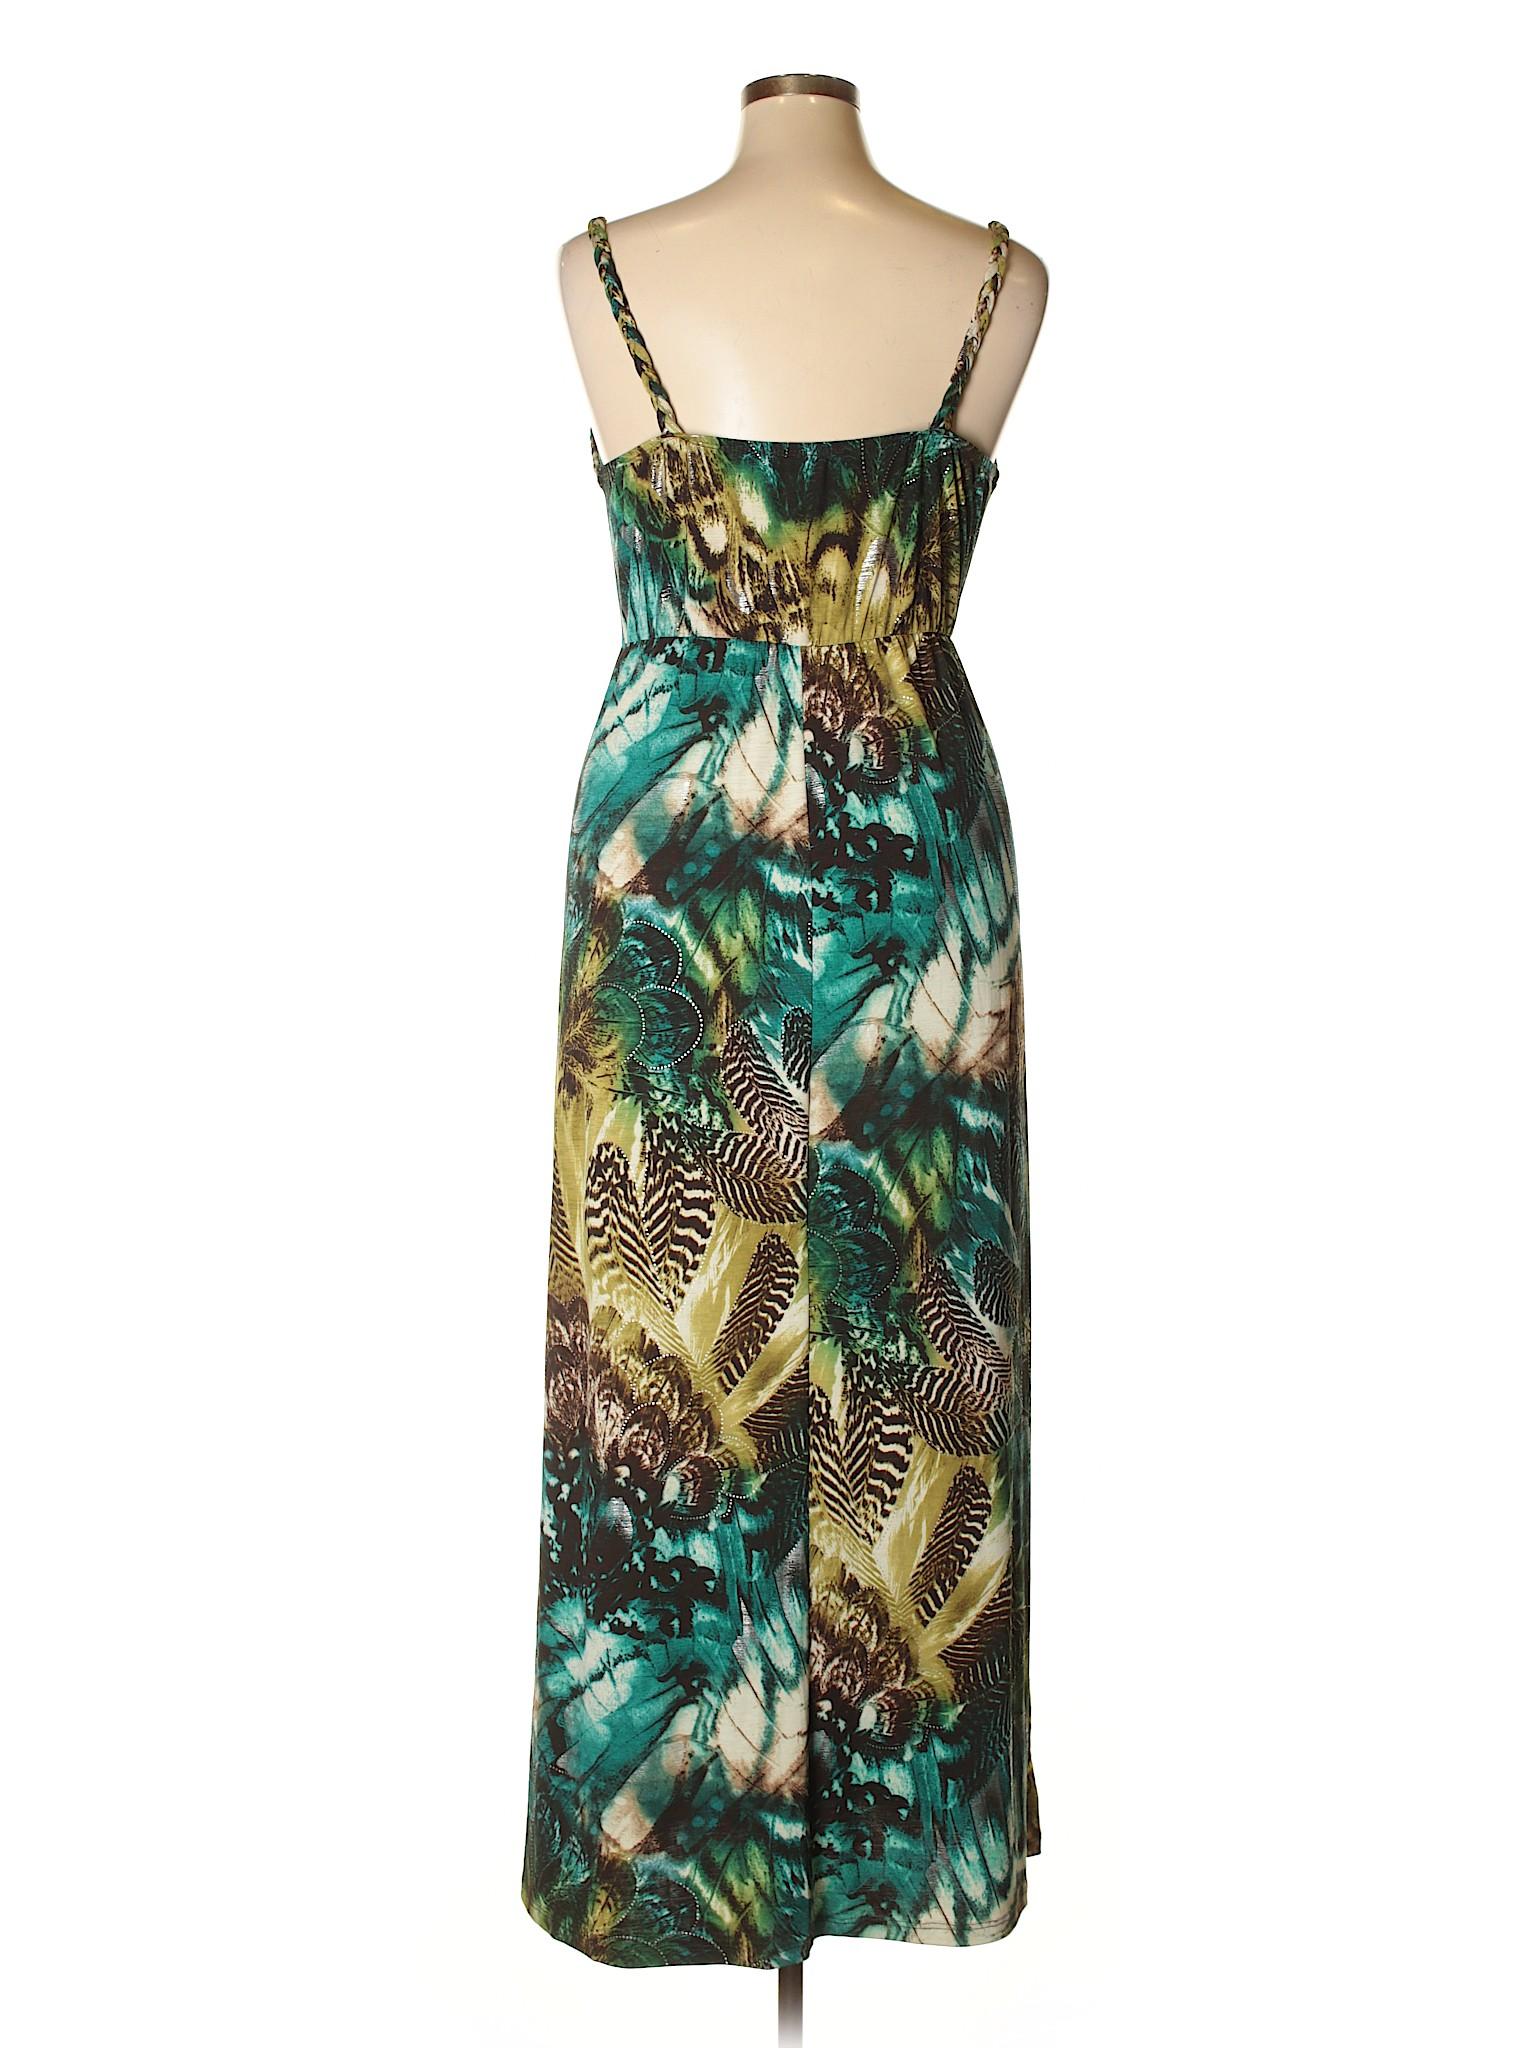 Dress Selling Moa Casual Moa Moa Casual Selling Moa Dress 5APPxYE